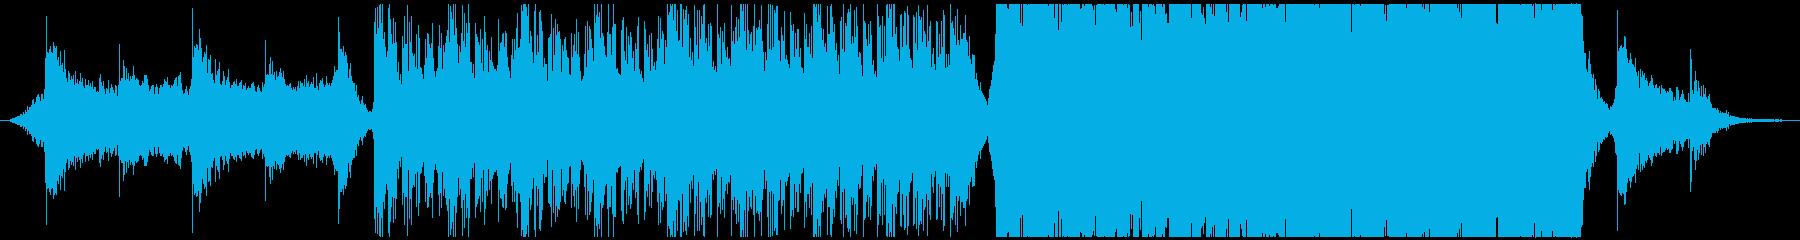 アクション映画予告編のようなパワフルな曲の再生済みの波形